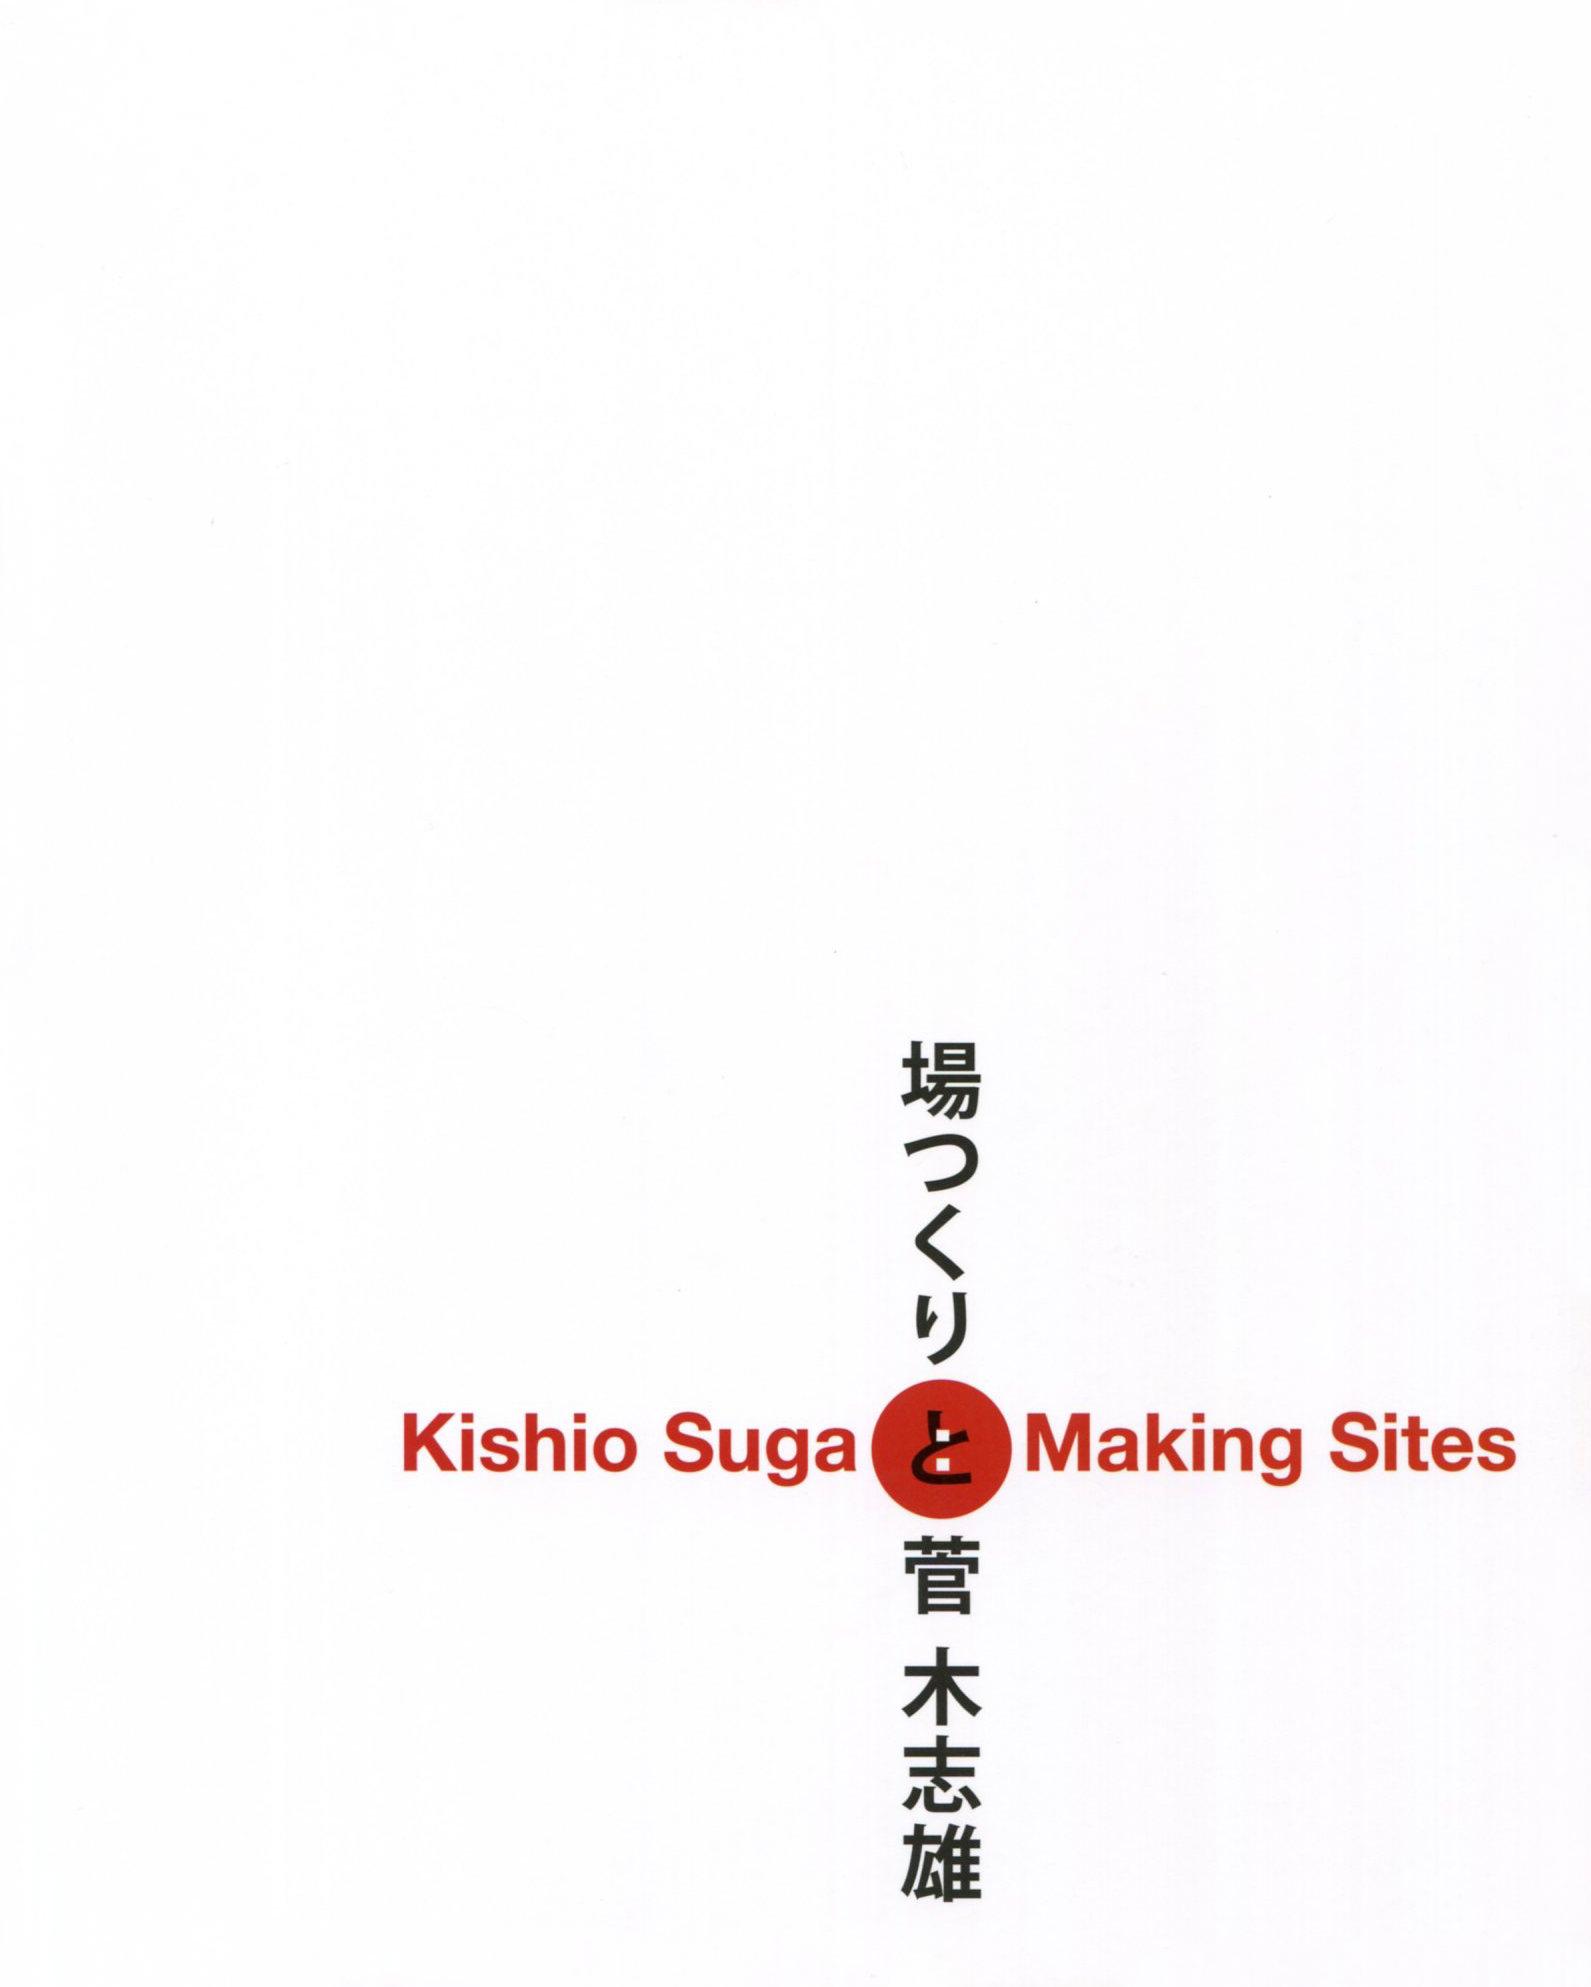 Kishio Suga: Making Sites  Daikokuya  Kishio Suga Souko Museum, 2014